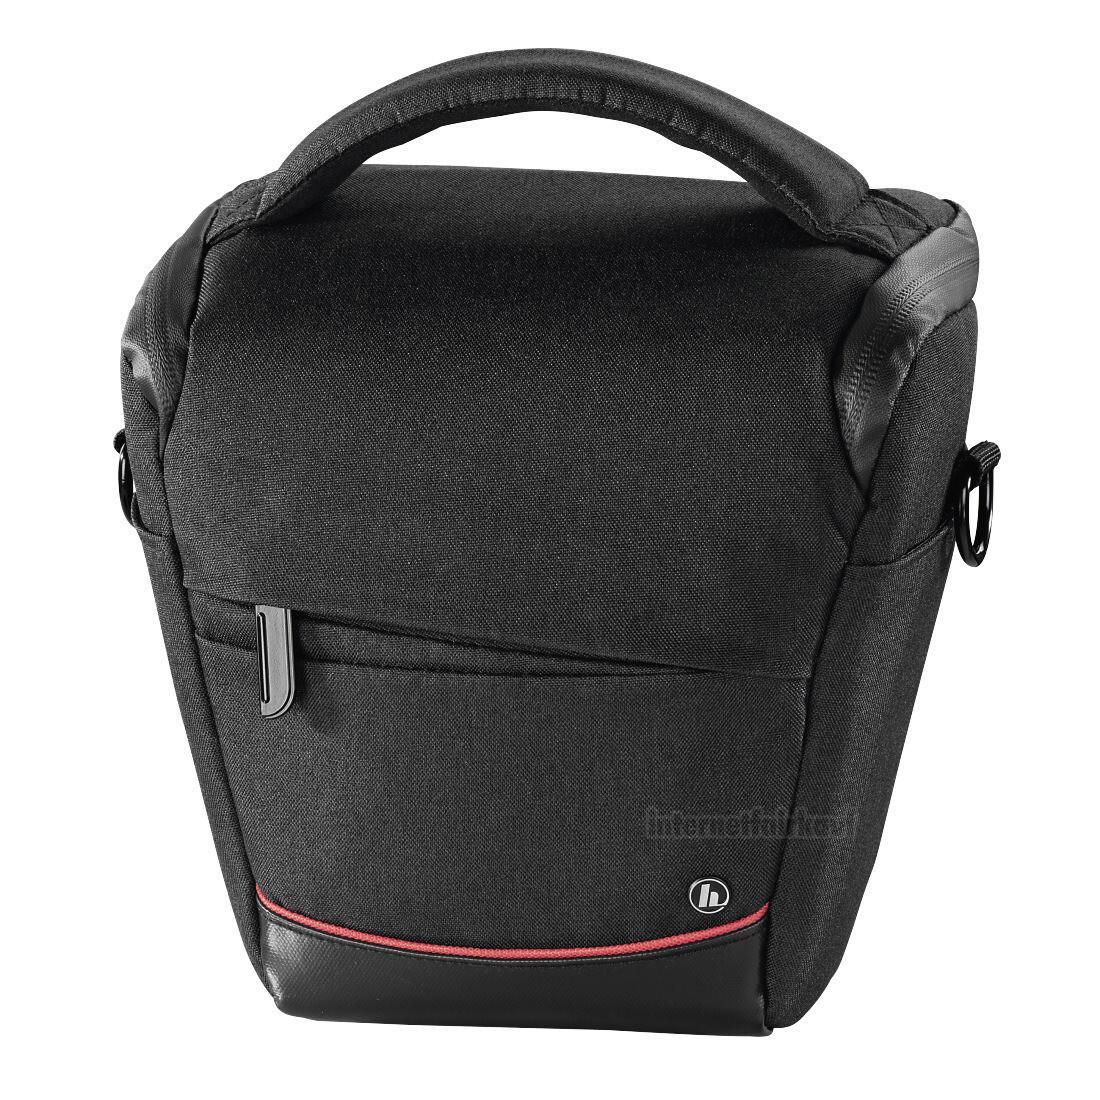 Hama Kameratasche Fototasche passend für Sony Alpha 7 7R 7S und Sony 18-70mm Objektiv